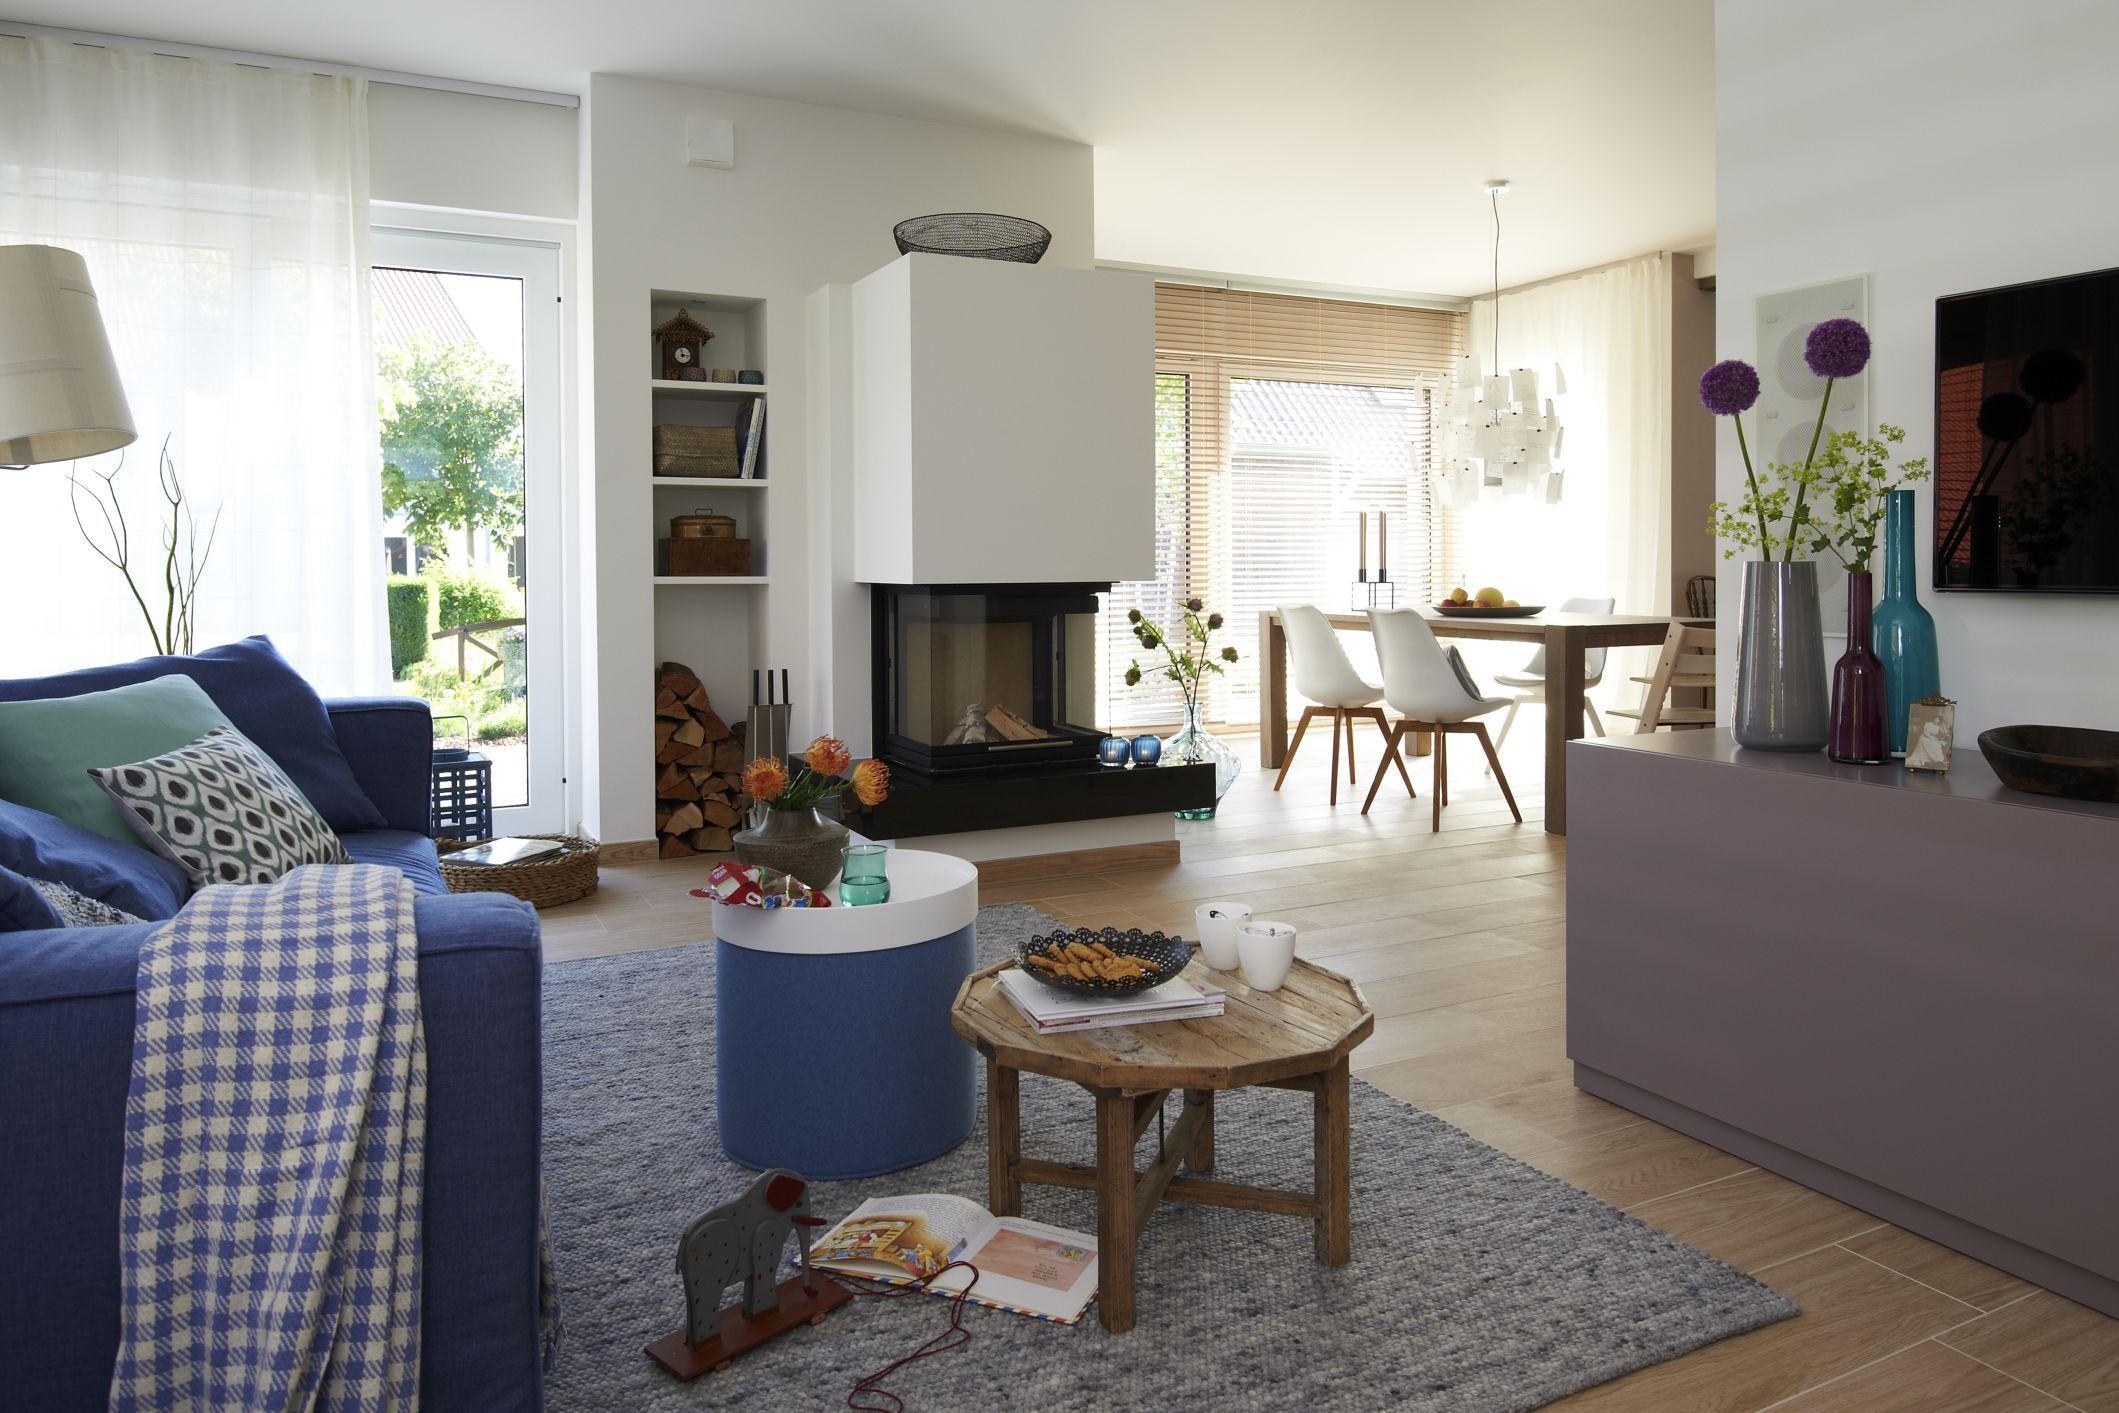 94 wohnzimmer mit hohen decken wohnzimmer funf meter hohen decke 2 medium size of. Black Bedroom Furniture Sets. Home Design Ideas